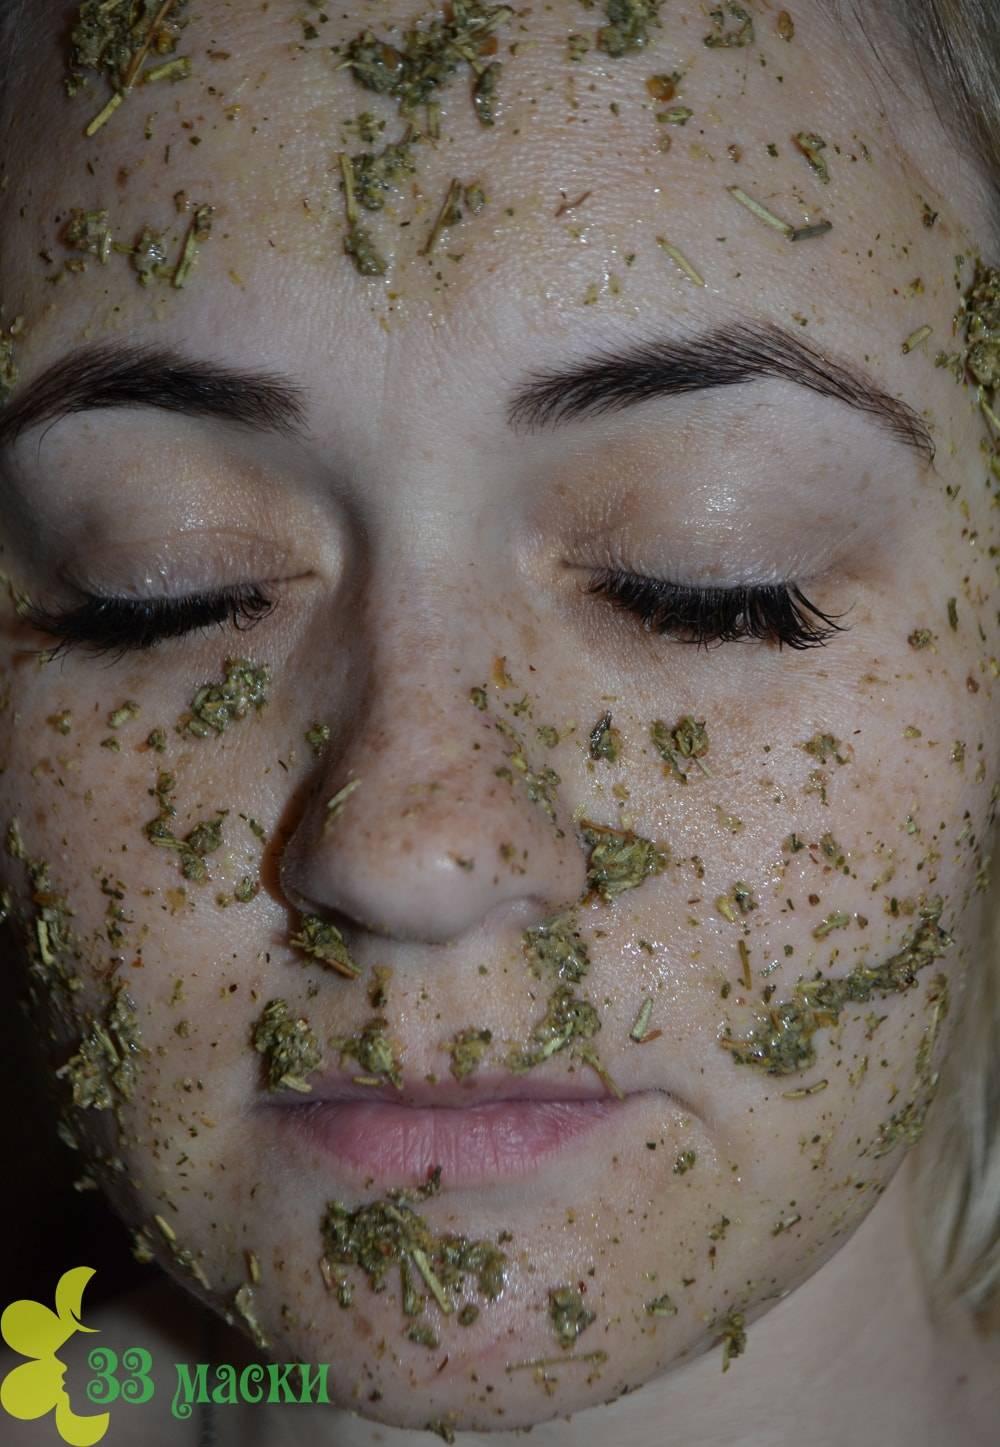 Лучшие народные средства для оздоровления кожи лица: чем поможет отвар ромашки?